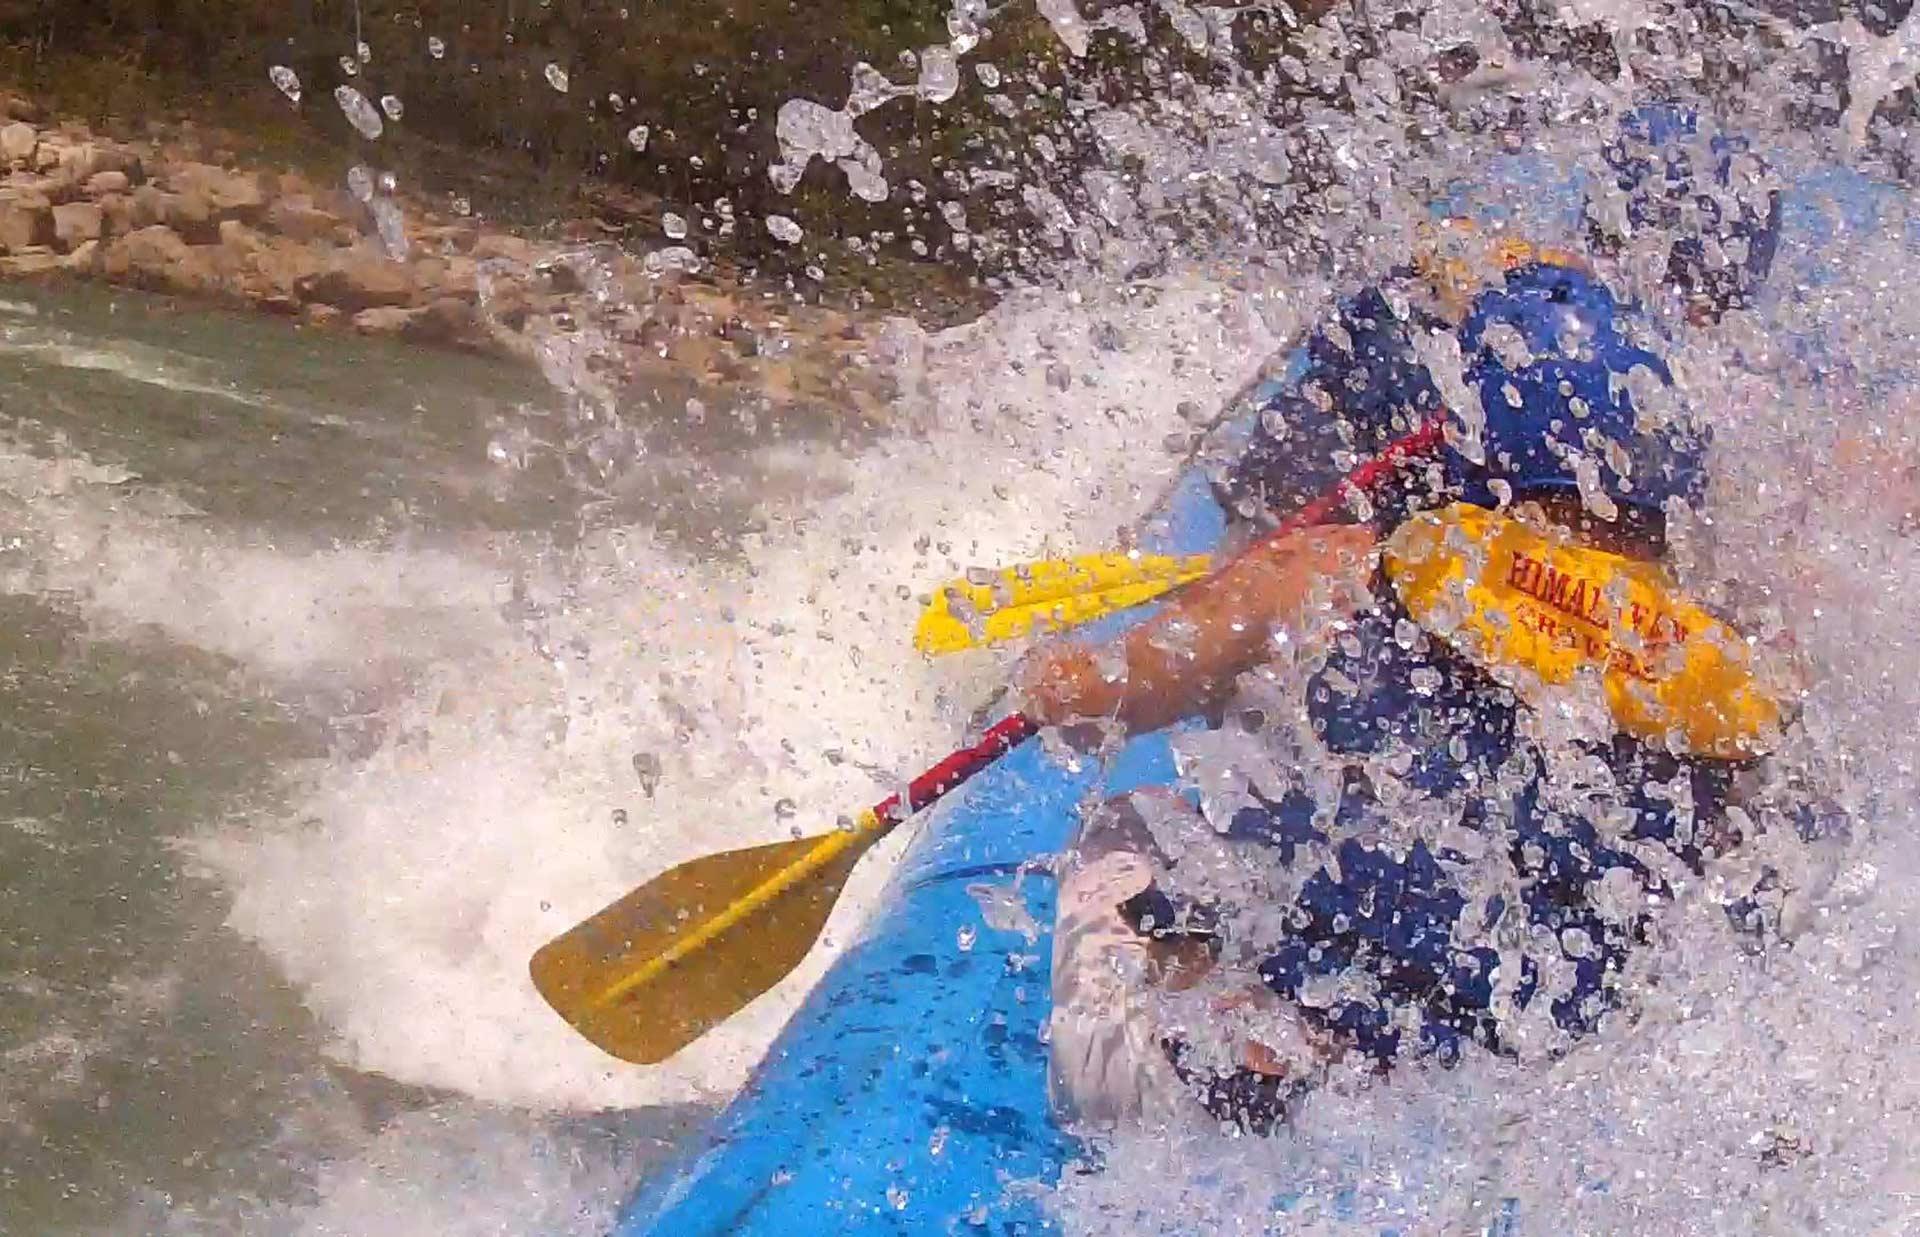 http://m.thegreatnext.com/Rishikesh Rafting Ganges Uttarakhand Adventure Campsite